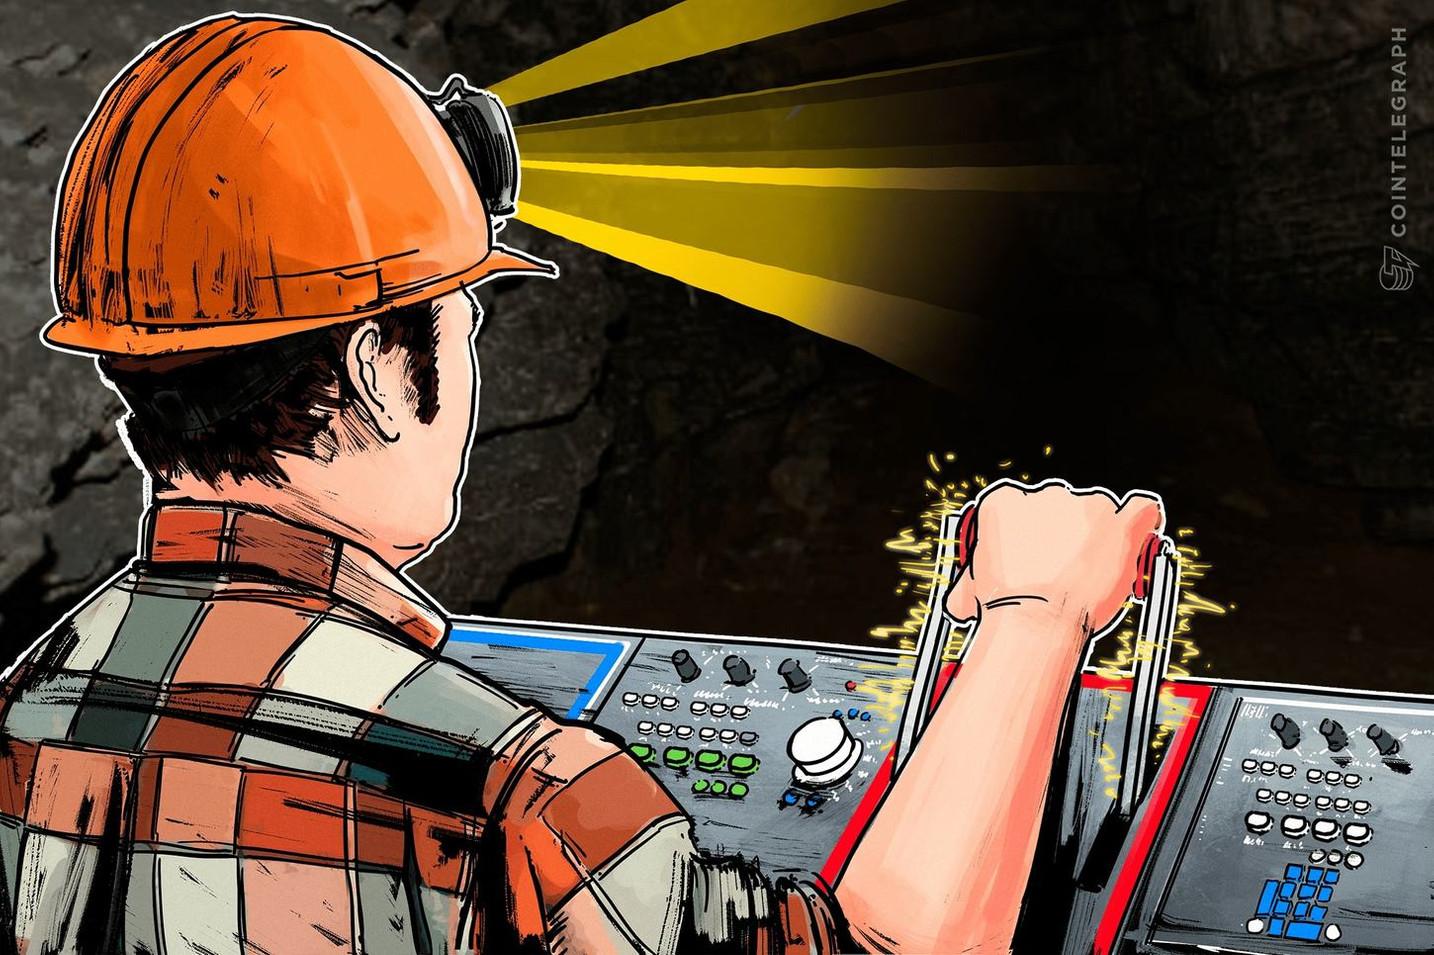 El fabricante de chips reduce los pronósticos de ingresos debido a la débil demanda de cripto mineros, una vez más